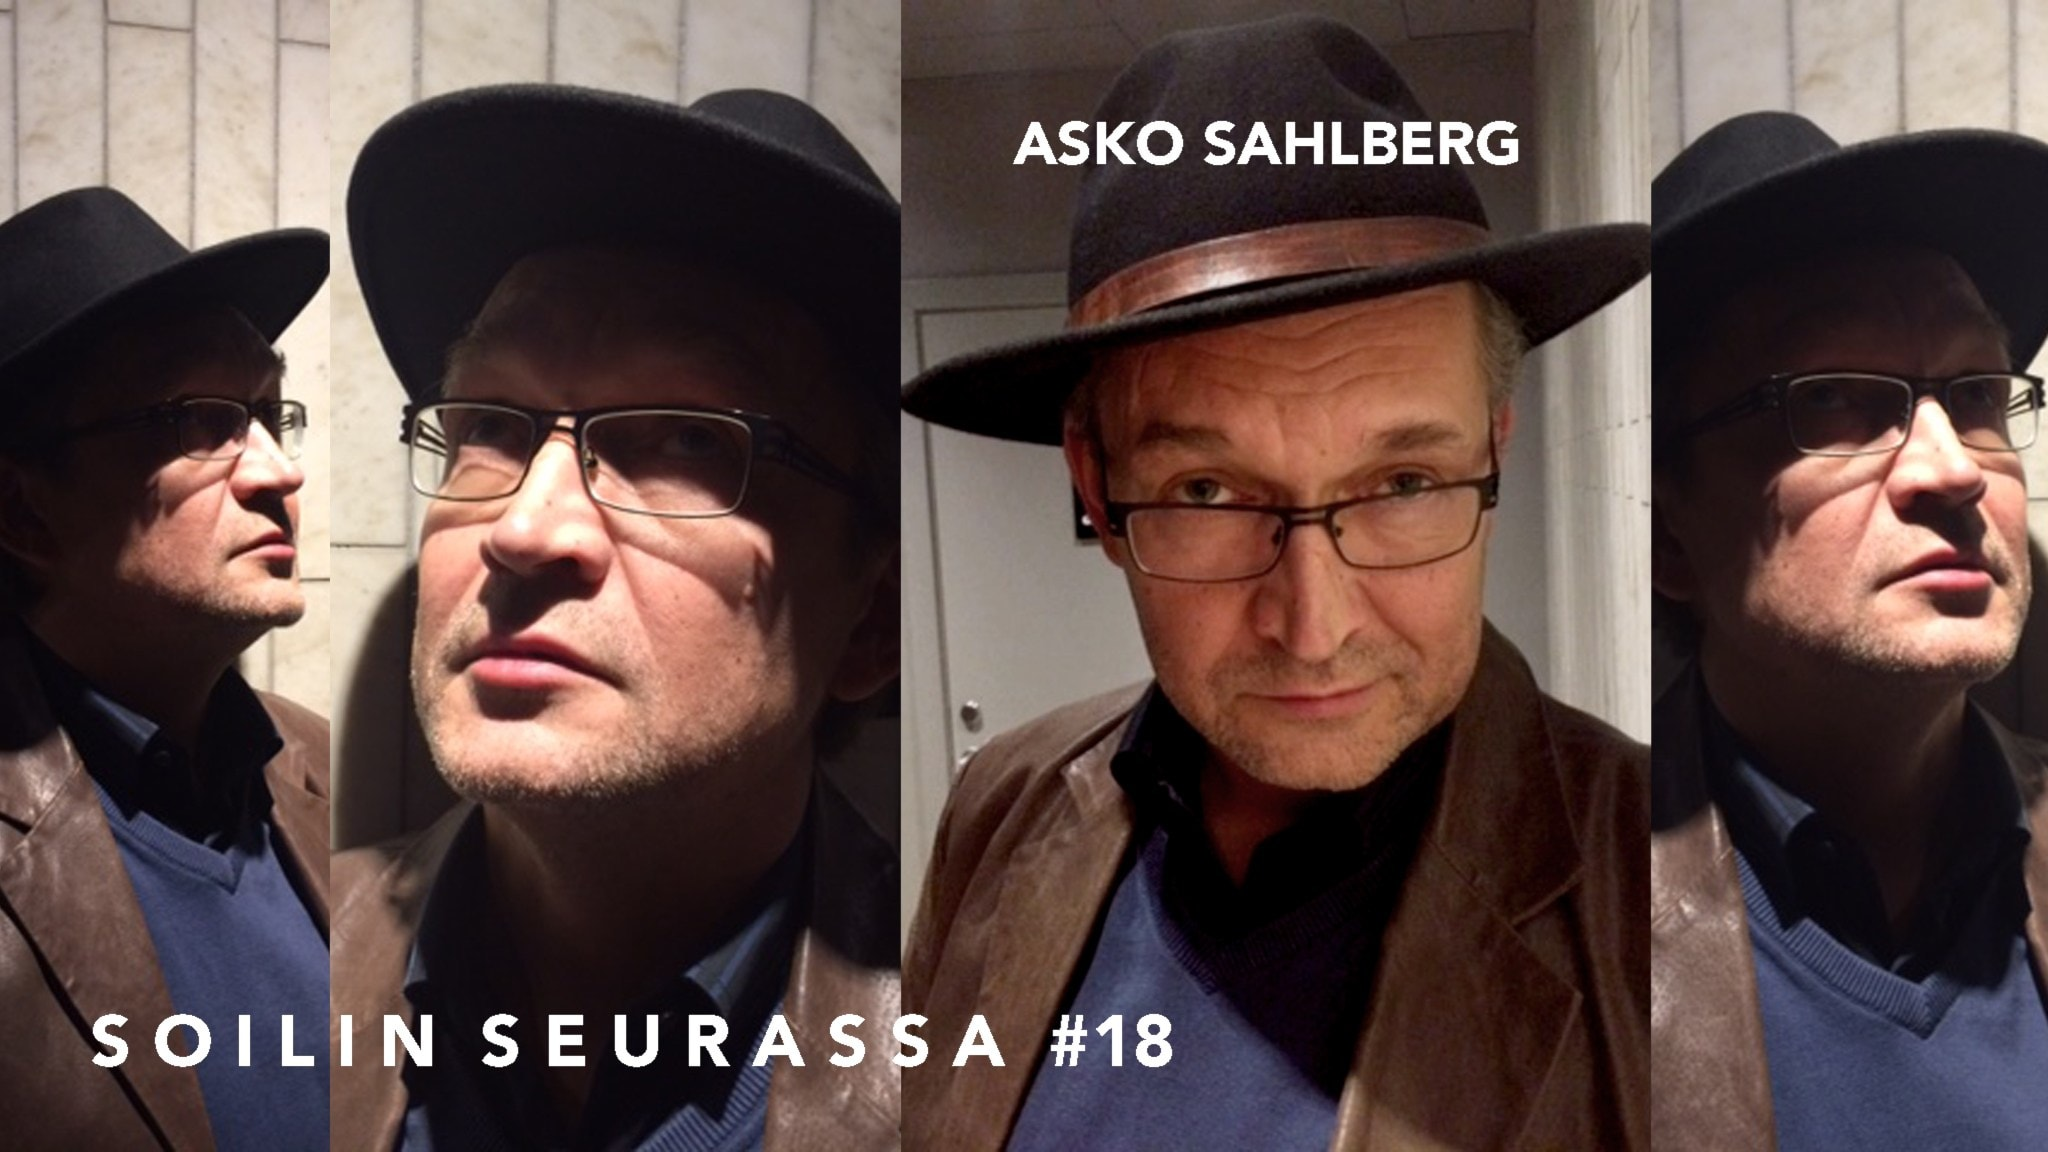 Soilin seurassa kirjailija, Runeberg-palkintoehdokas Asko Sahlberg